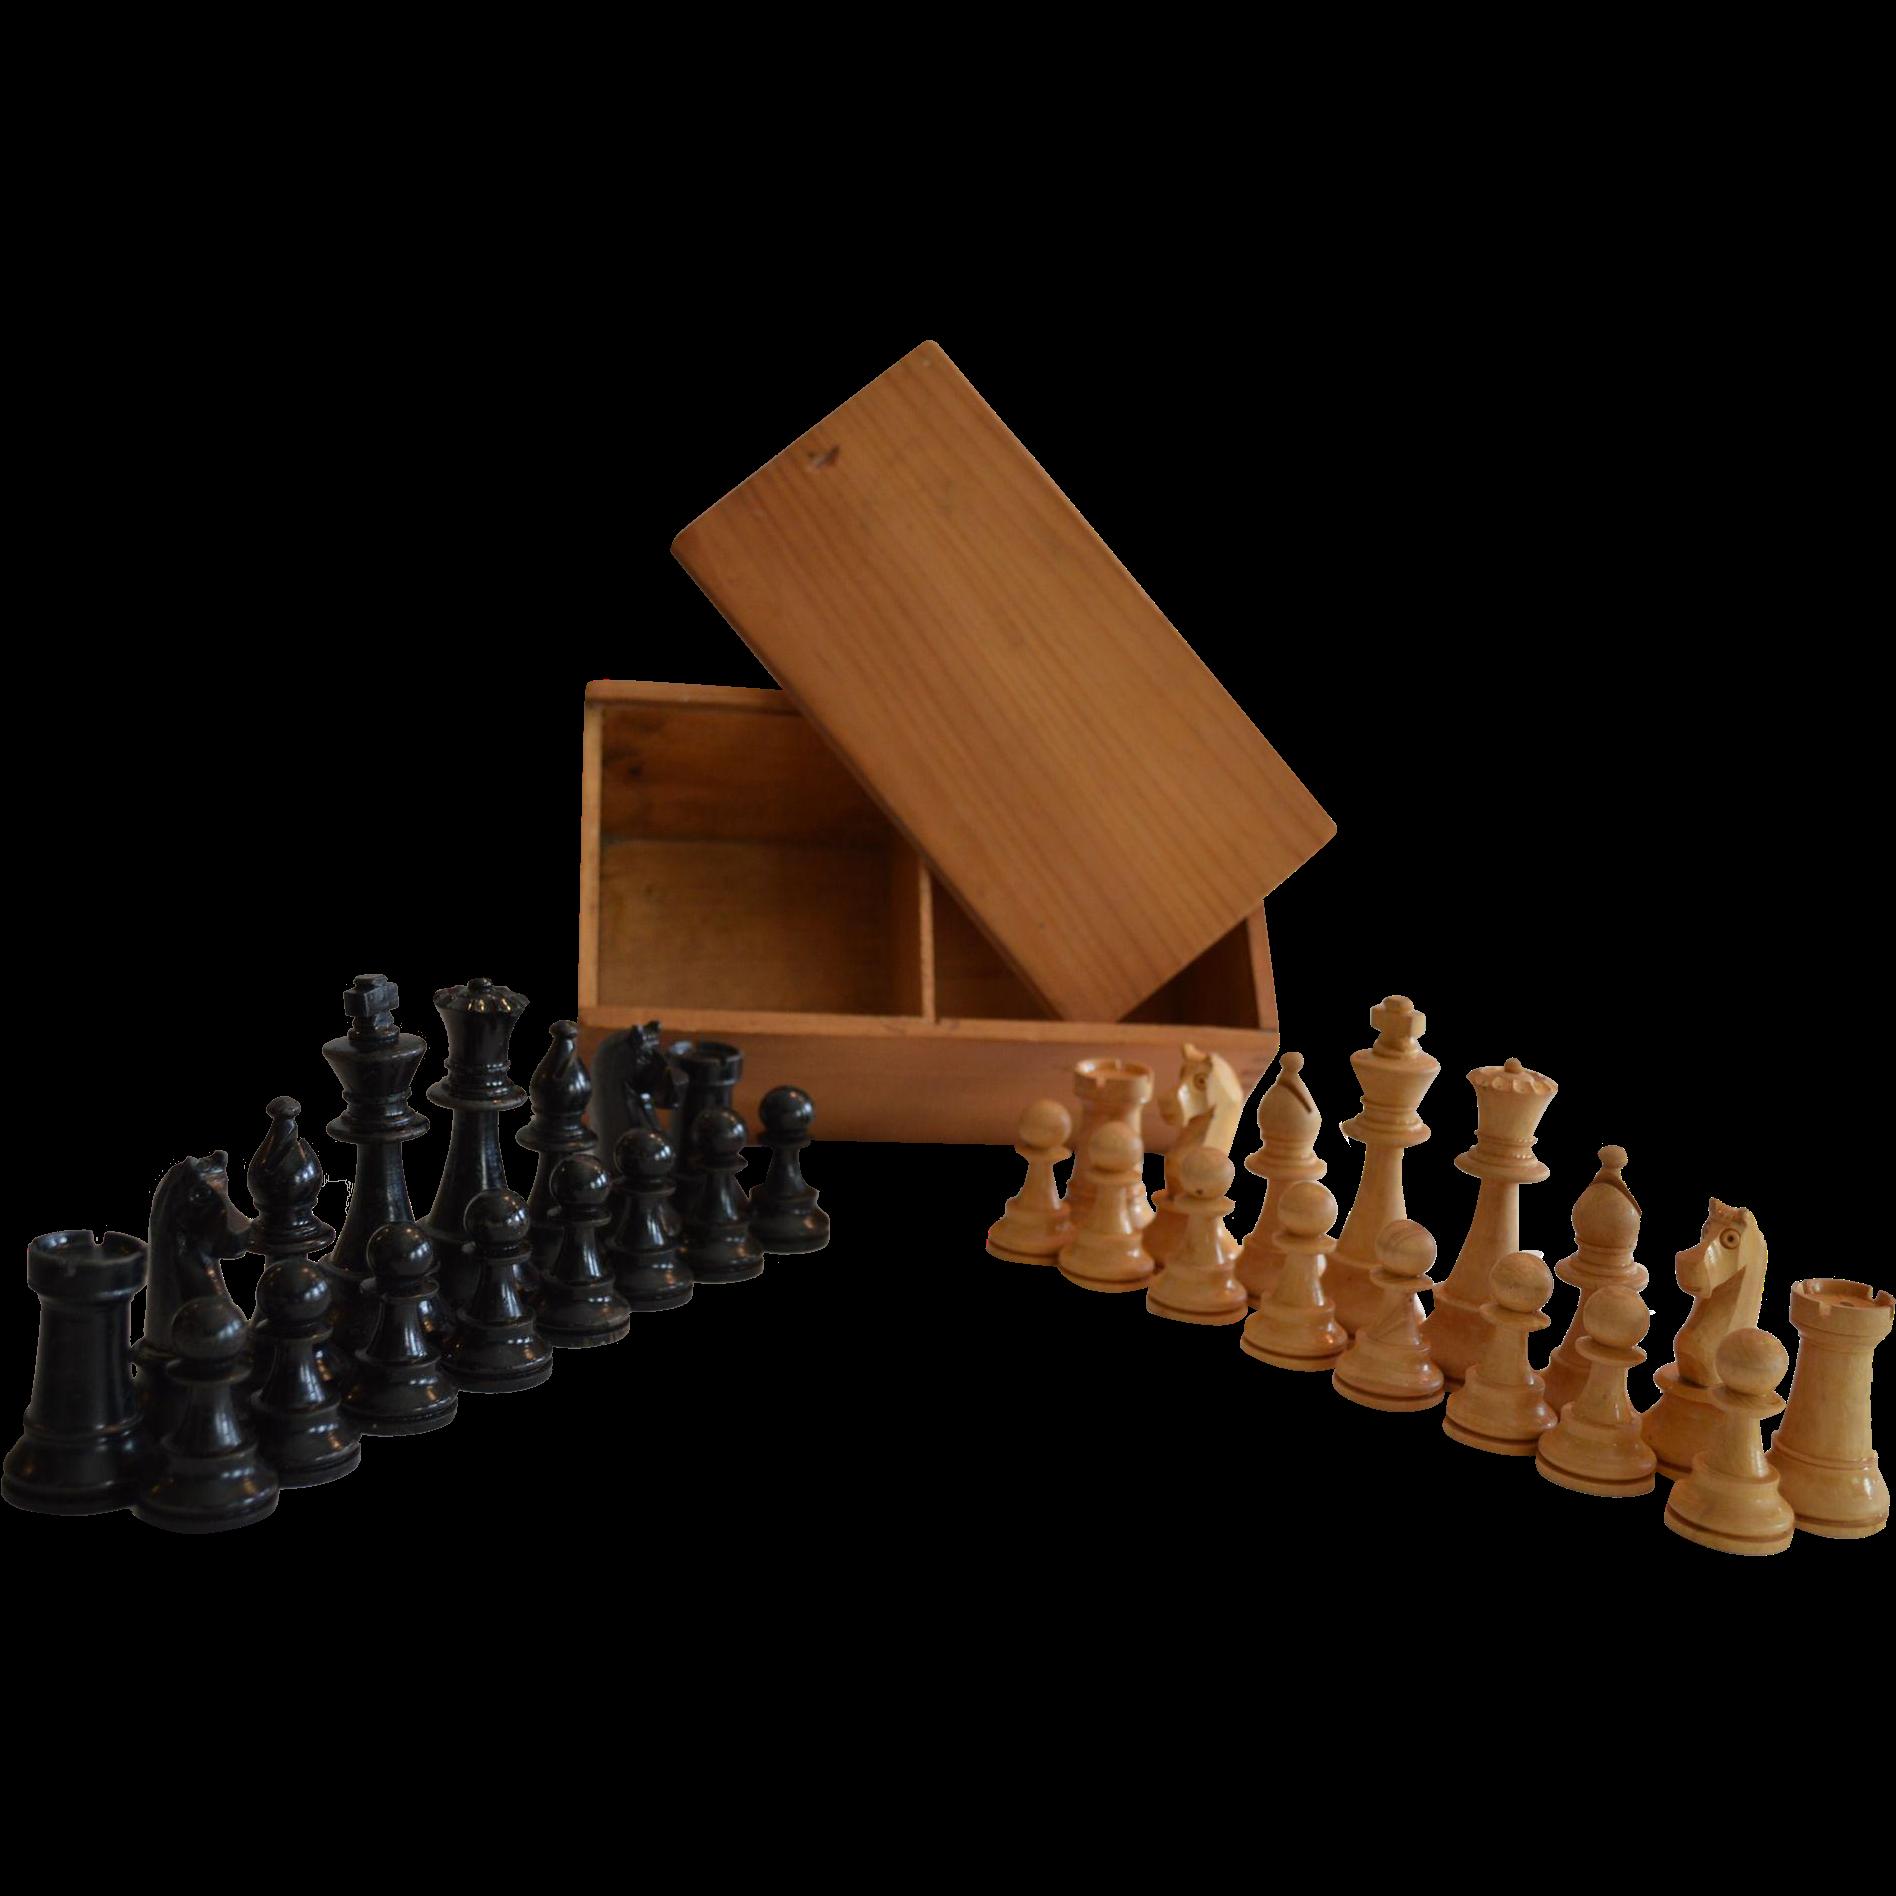 Vintage Wooden Chess Set in Wooden Storage Box ca 1920